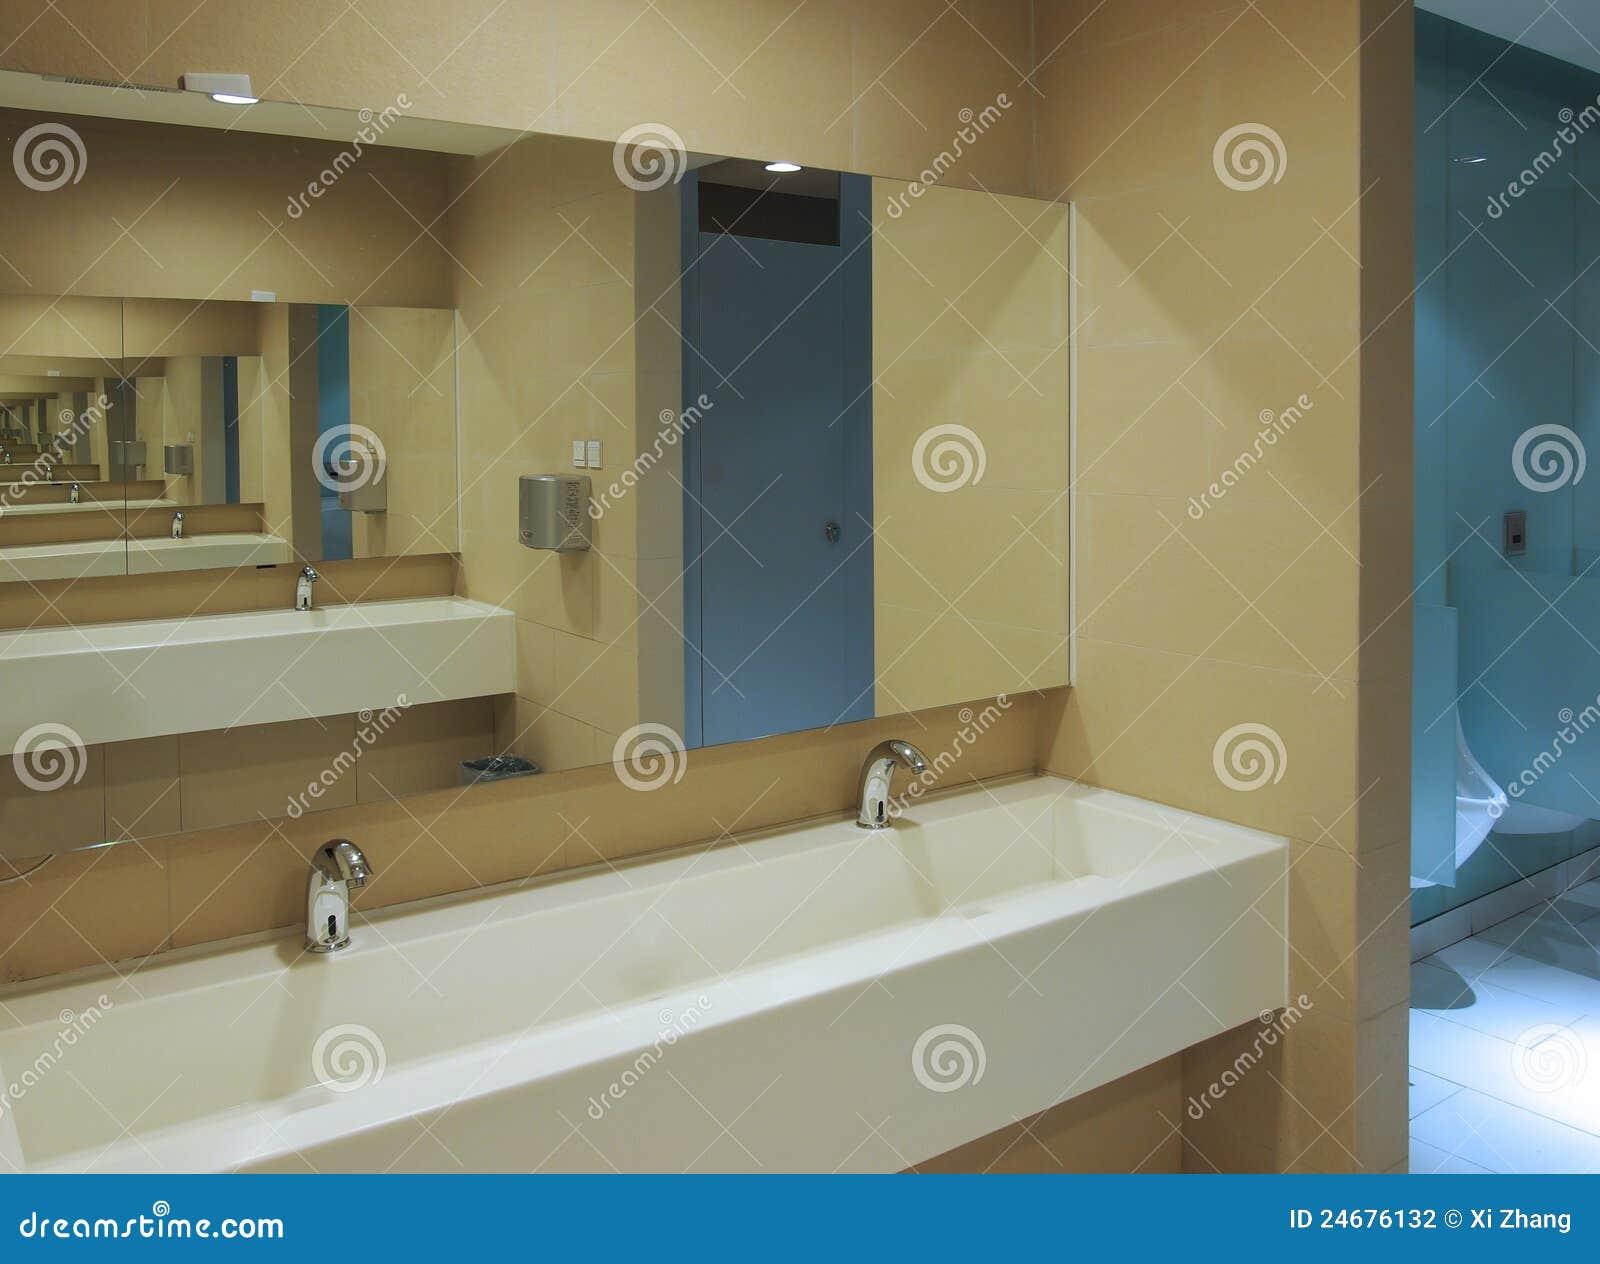 Toilet Sinks Mirror Stock Photo Image Of Clean White